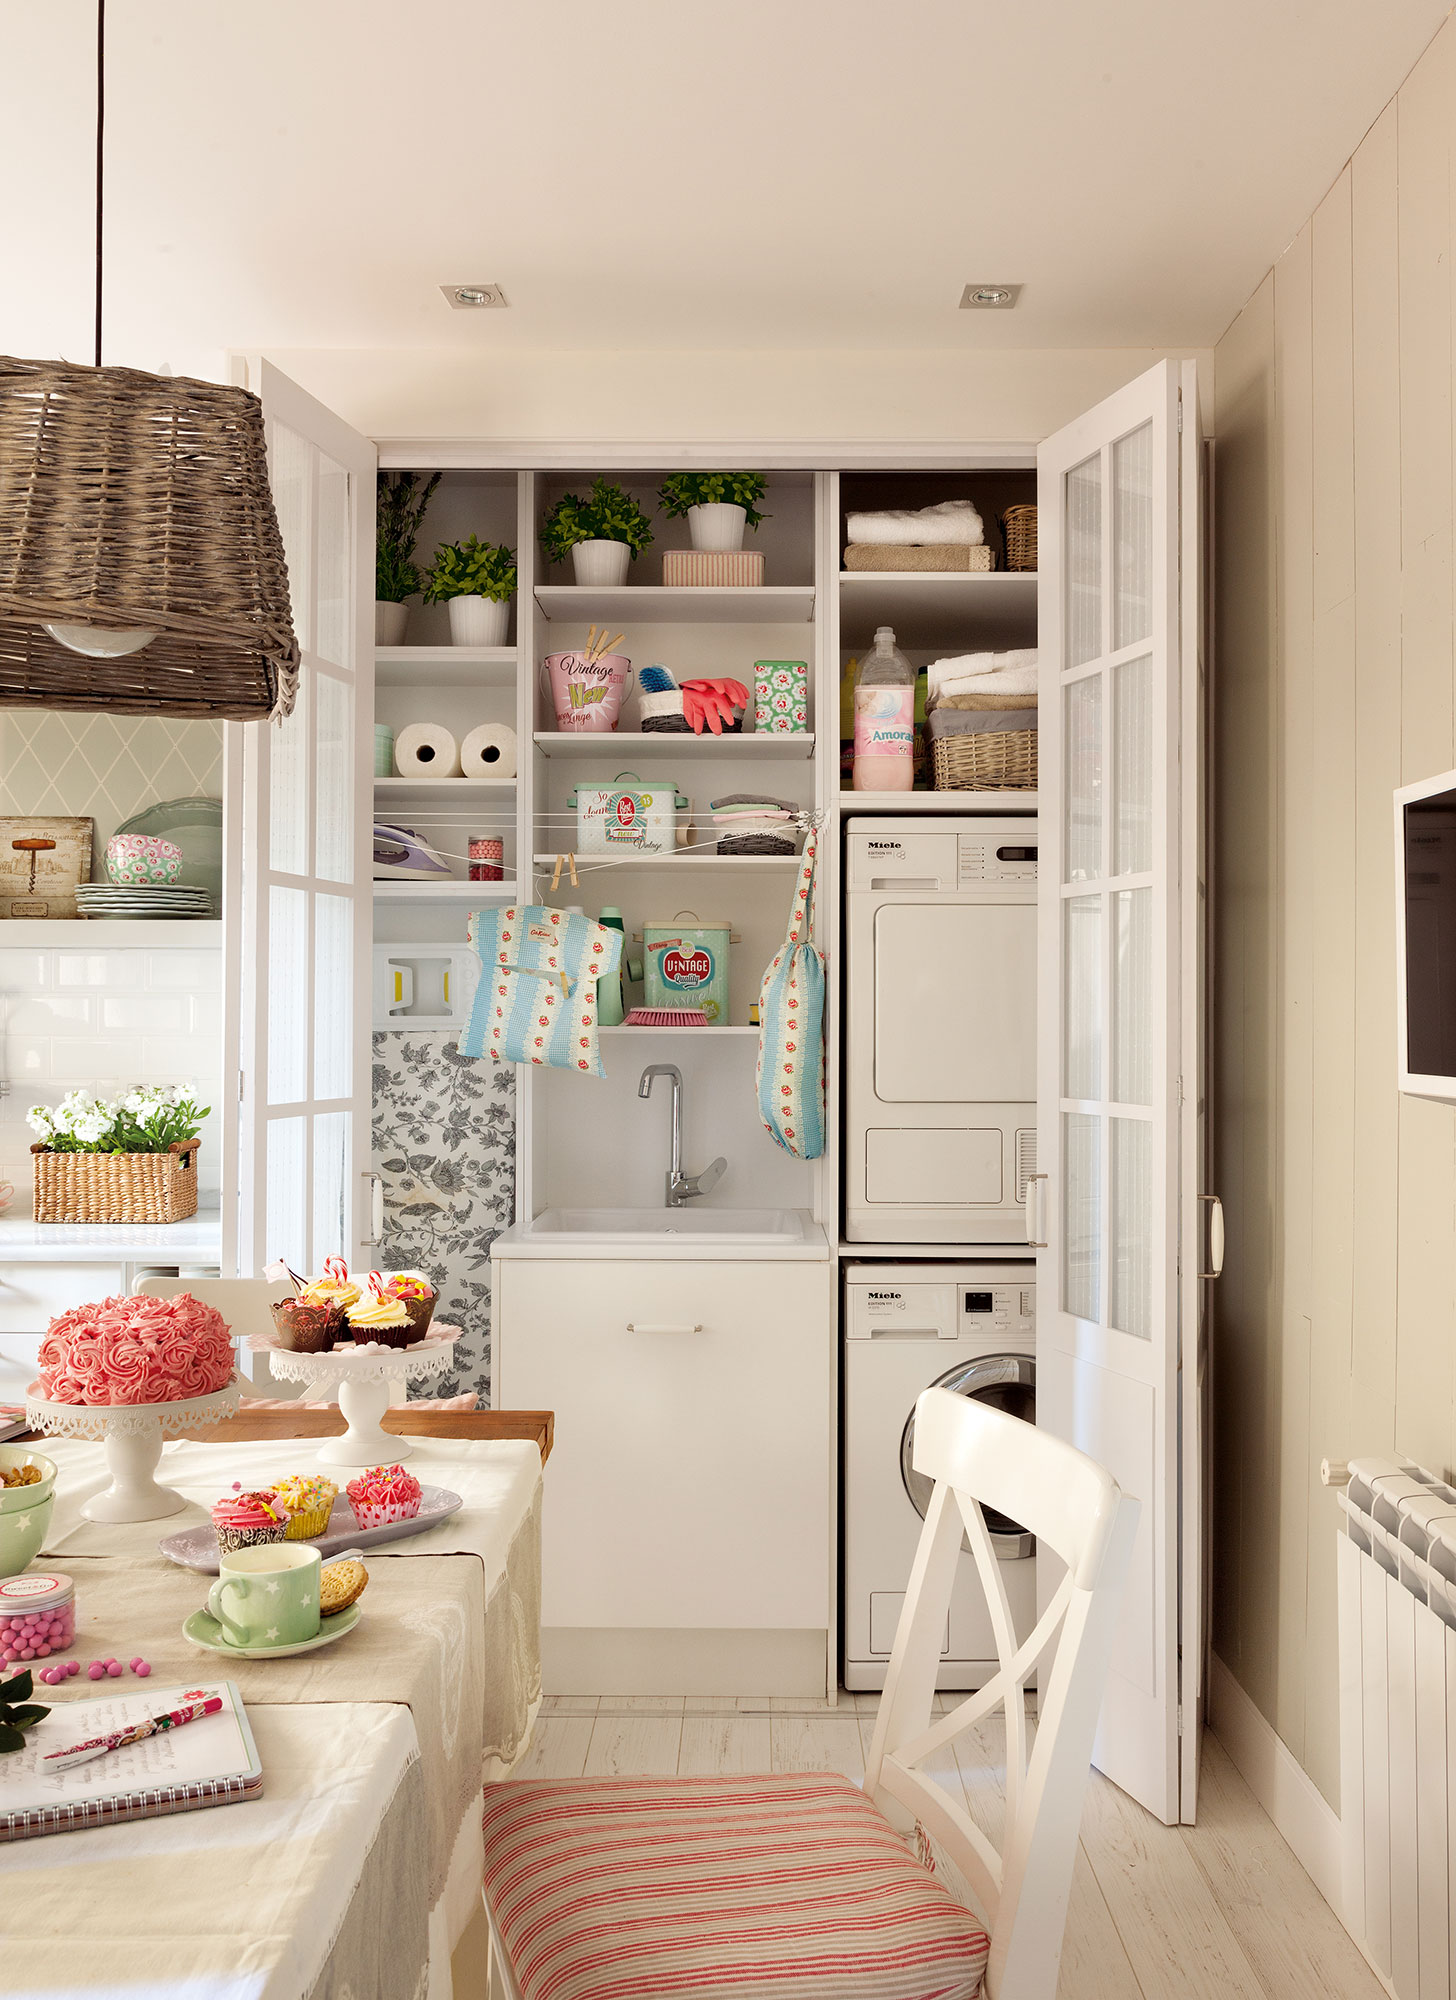 cocina con armario abierto con lavadero lavadora y secadora